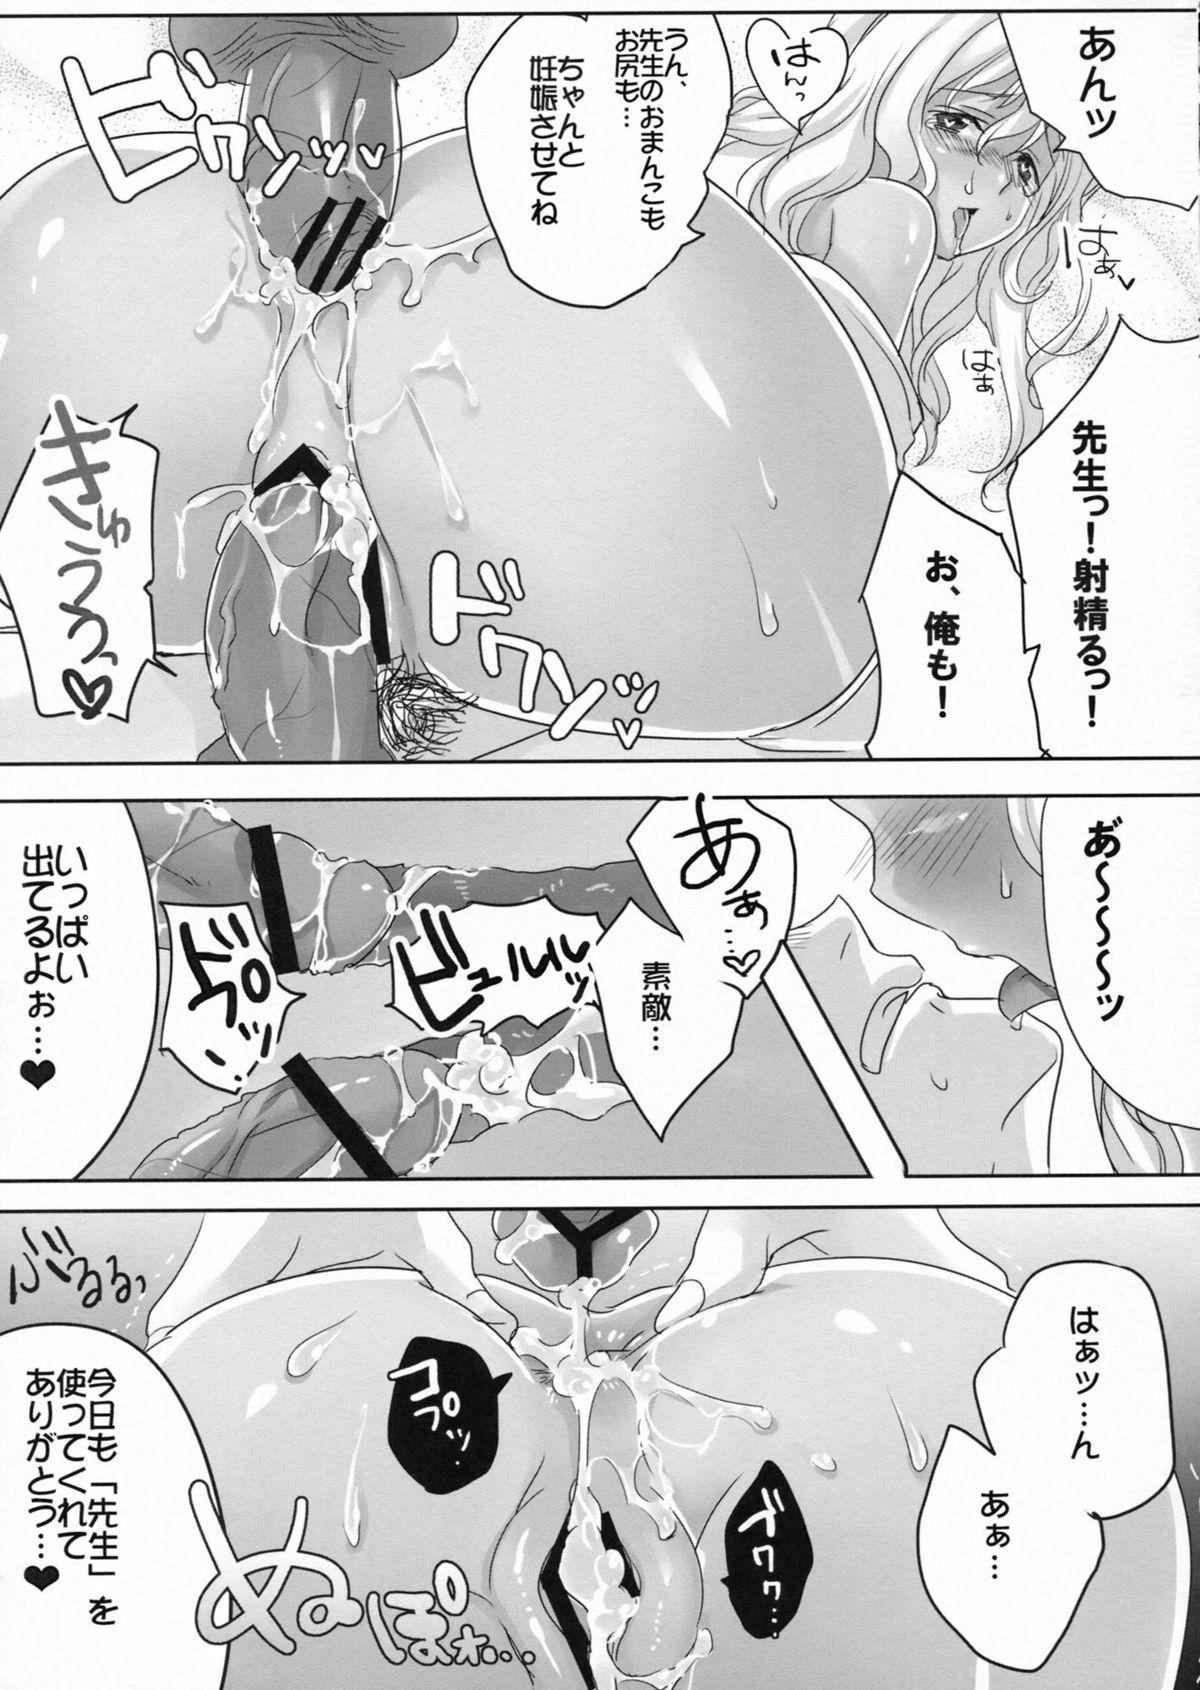 Akogare no Sensei 21